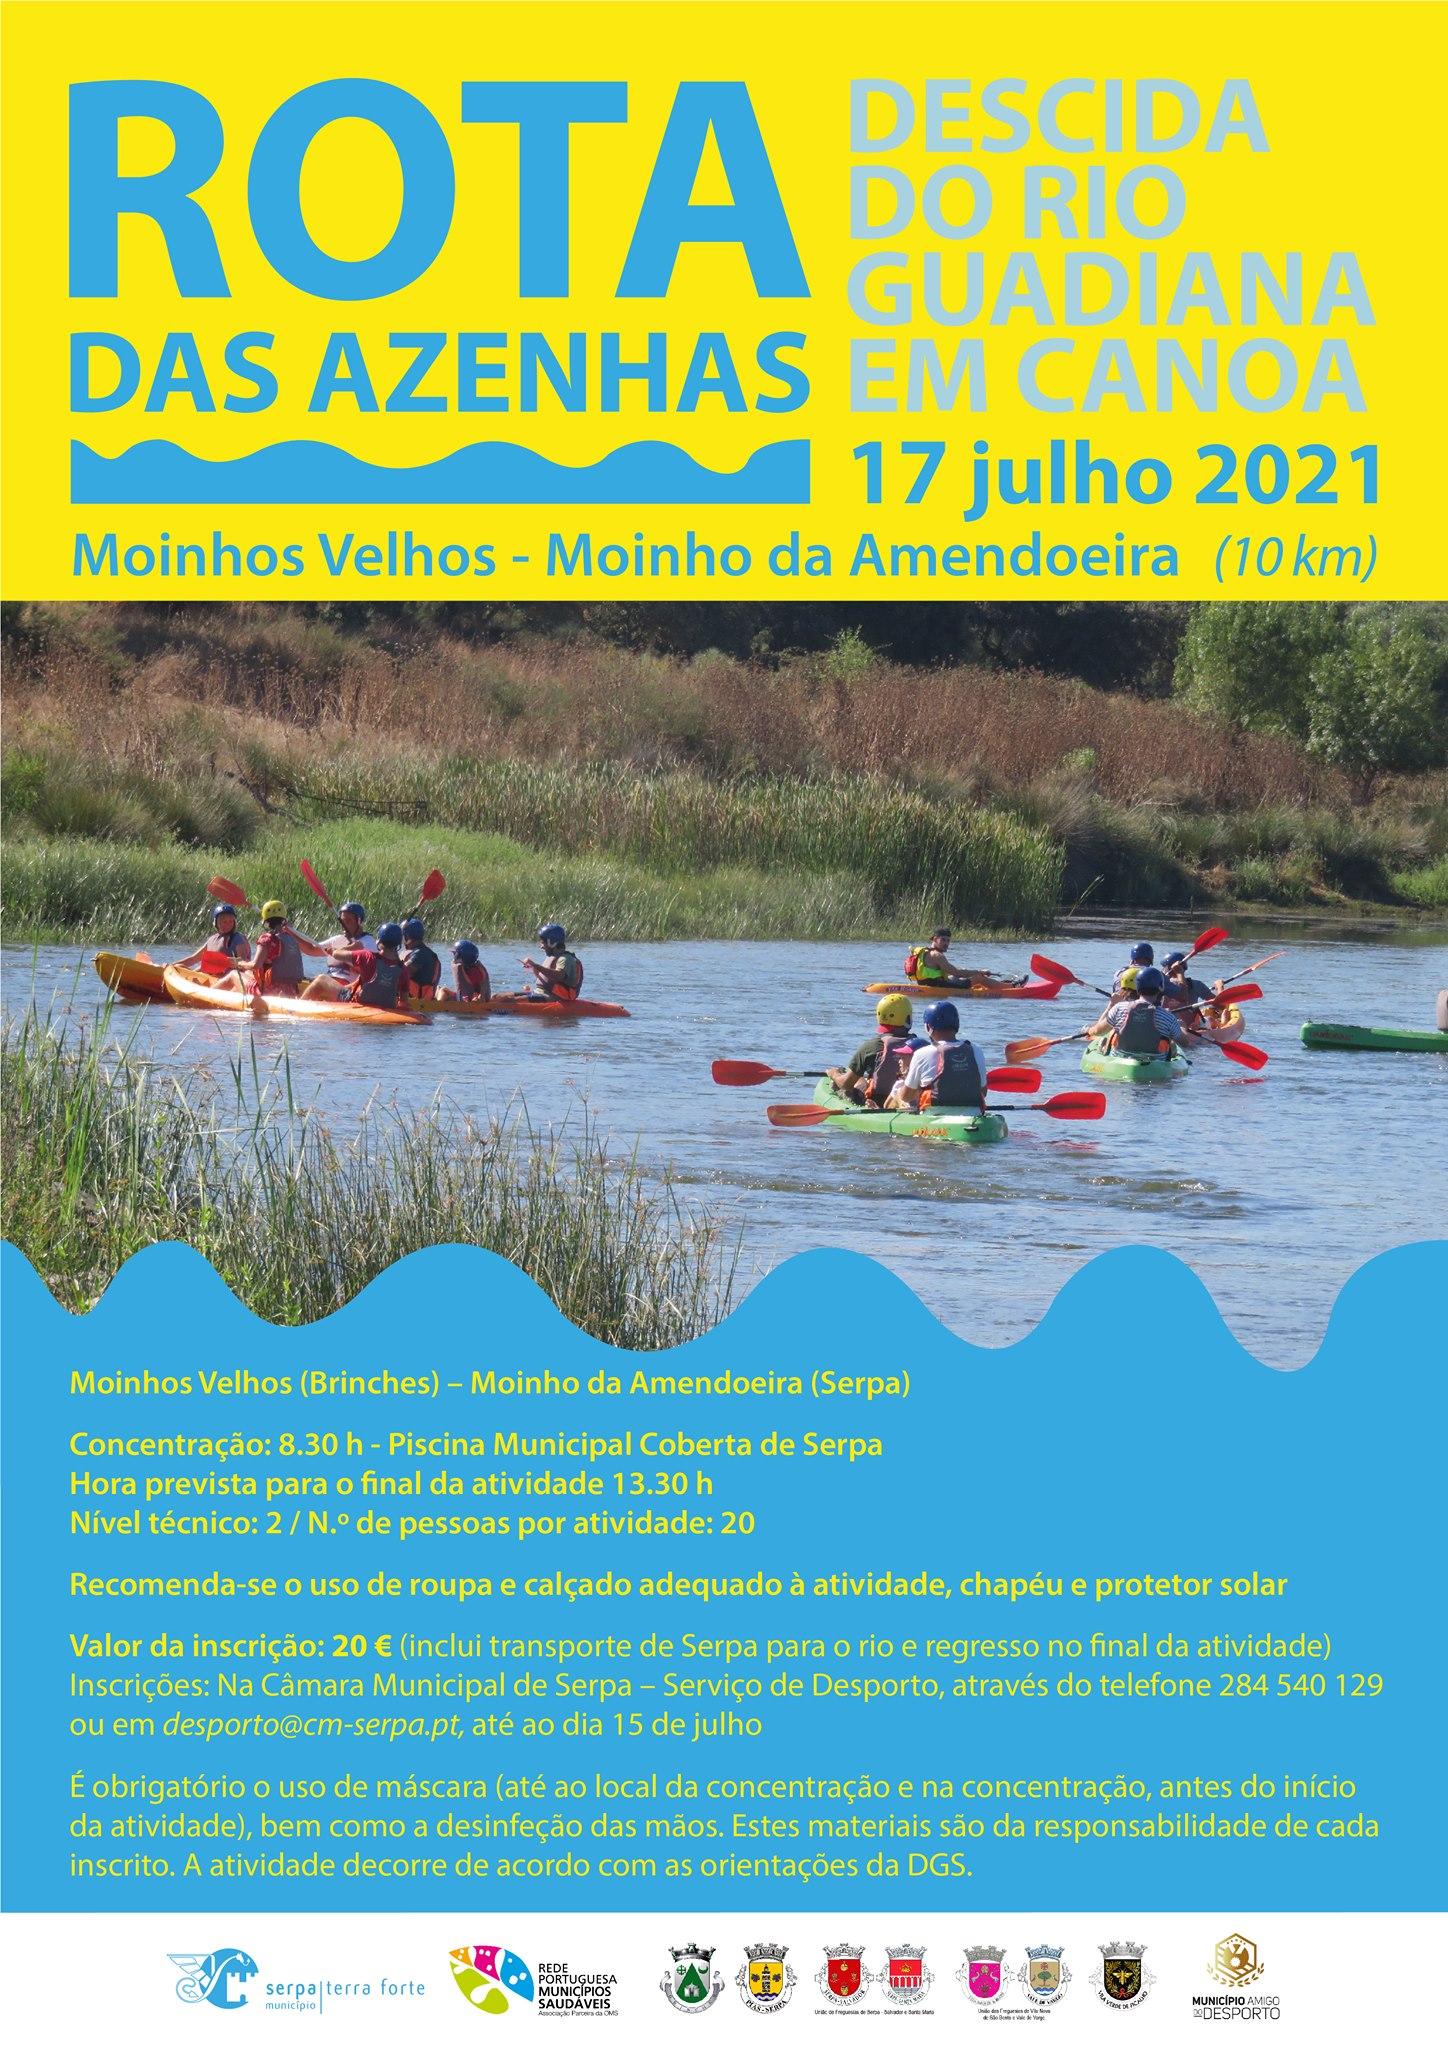 Rota das Azenhas – Descida do Rio Guadiana em Canoa